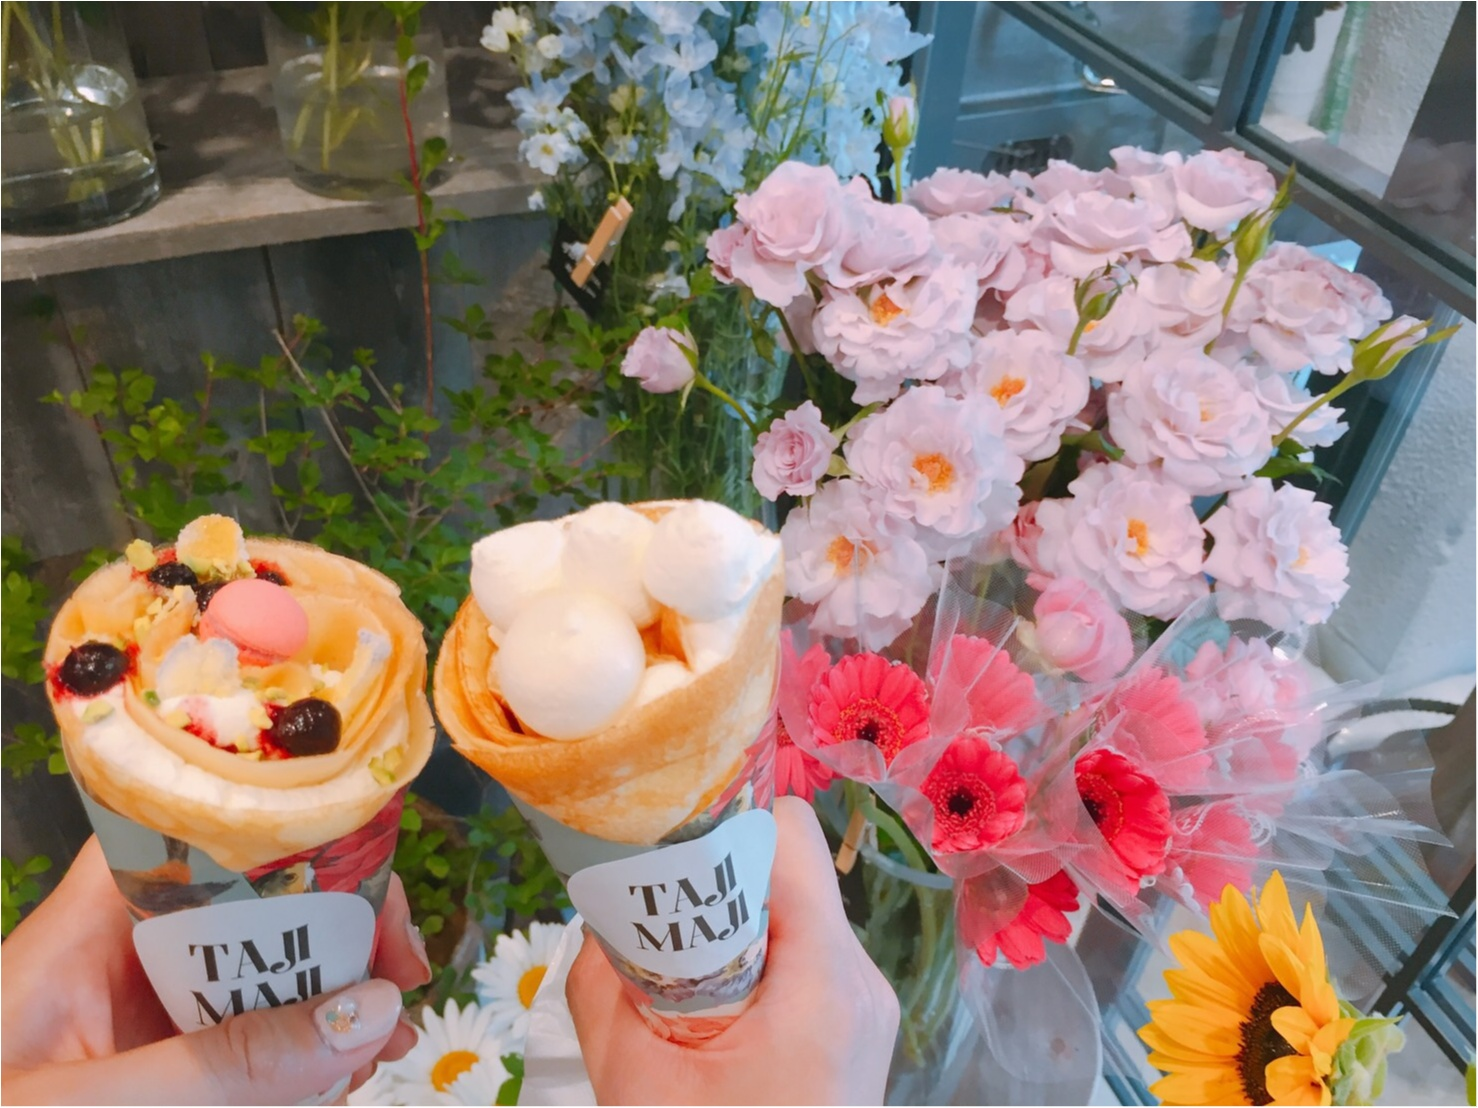 【カフェ巡り】まるで花束のような女の子らしい可愛いスイーツ♡_3